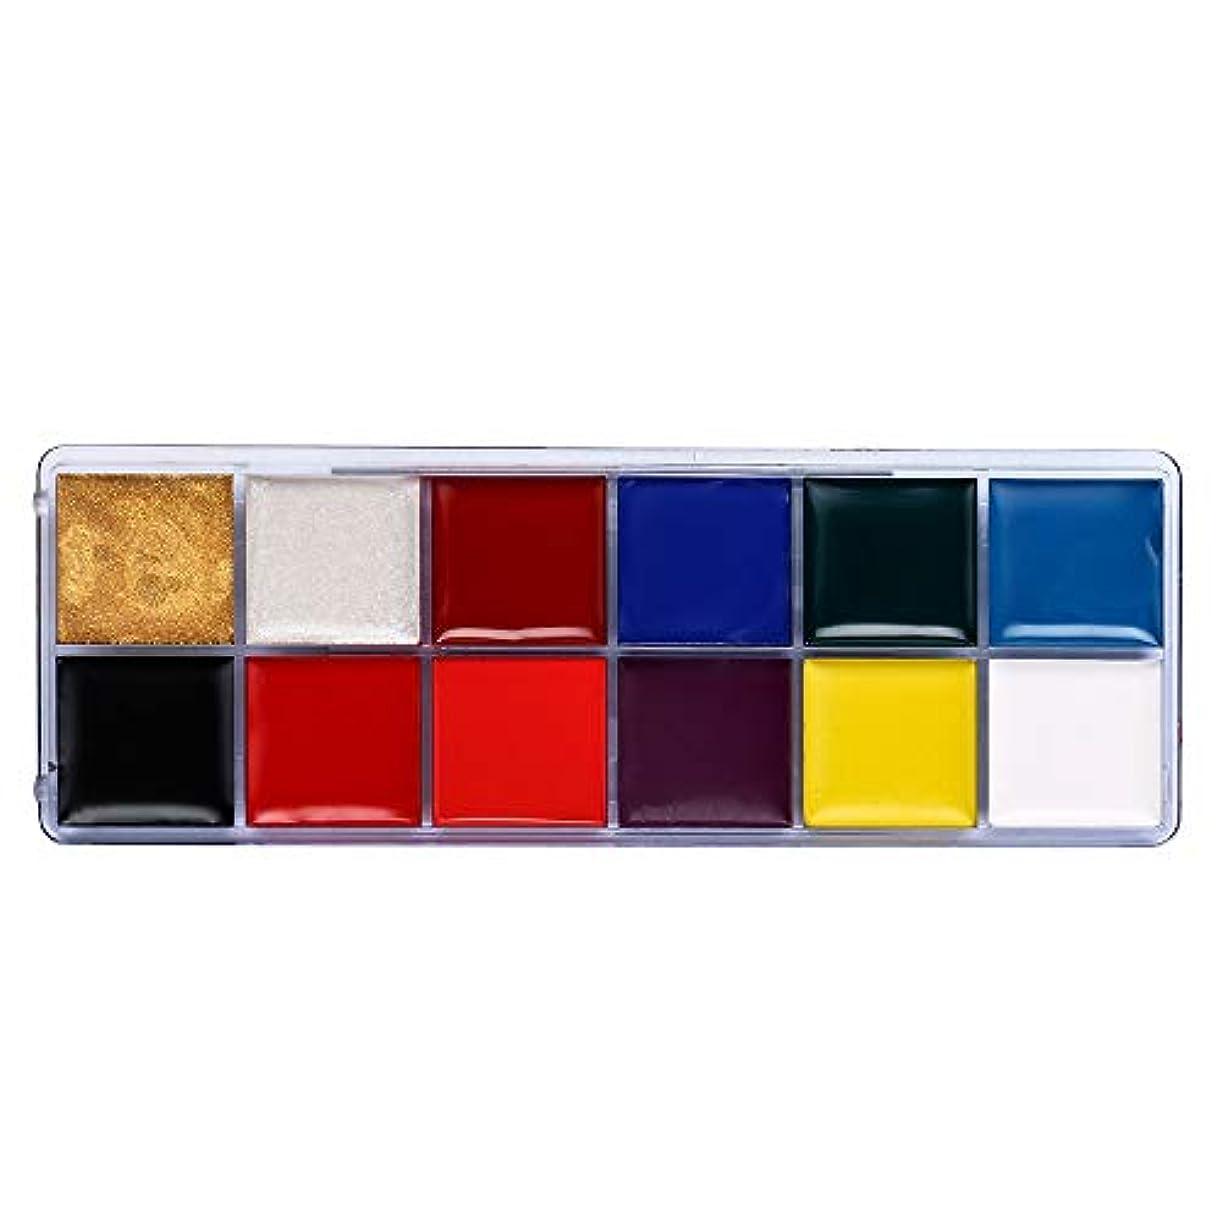 持続する敏感な愚か12色ボディ塗装オイルカラードラマピエロハロウィンメイクアップフェイスカラー